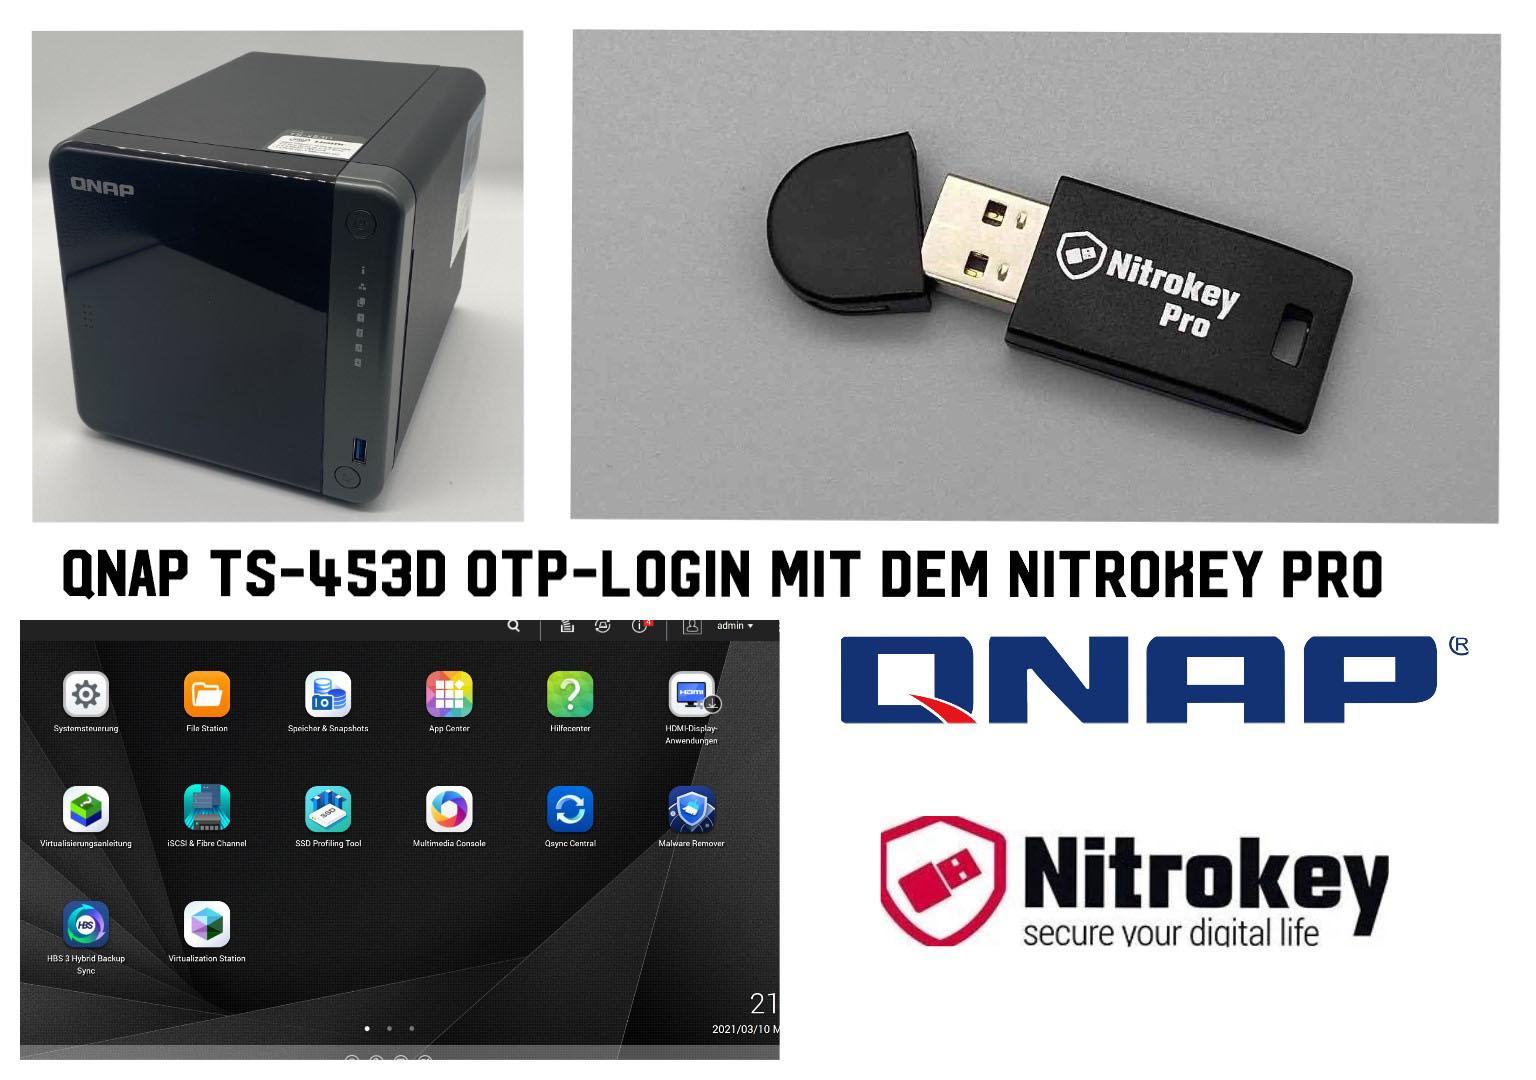 QNAP TS-453D OTP-Login mit dem Nitrokey Pro